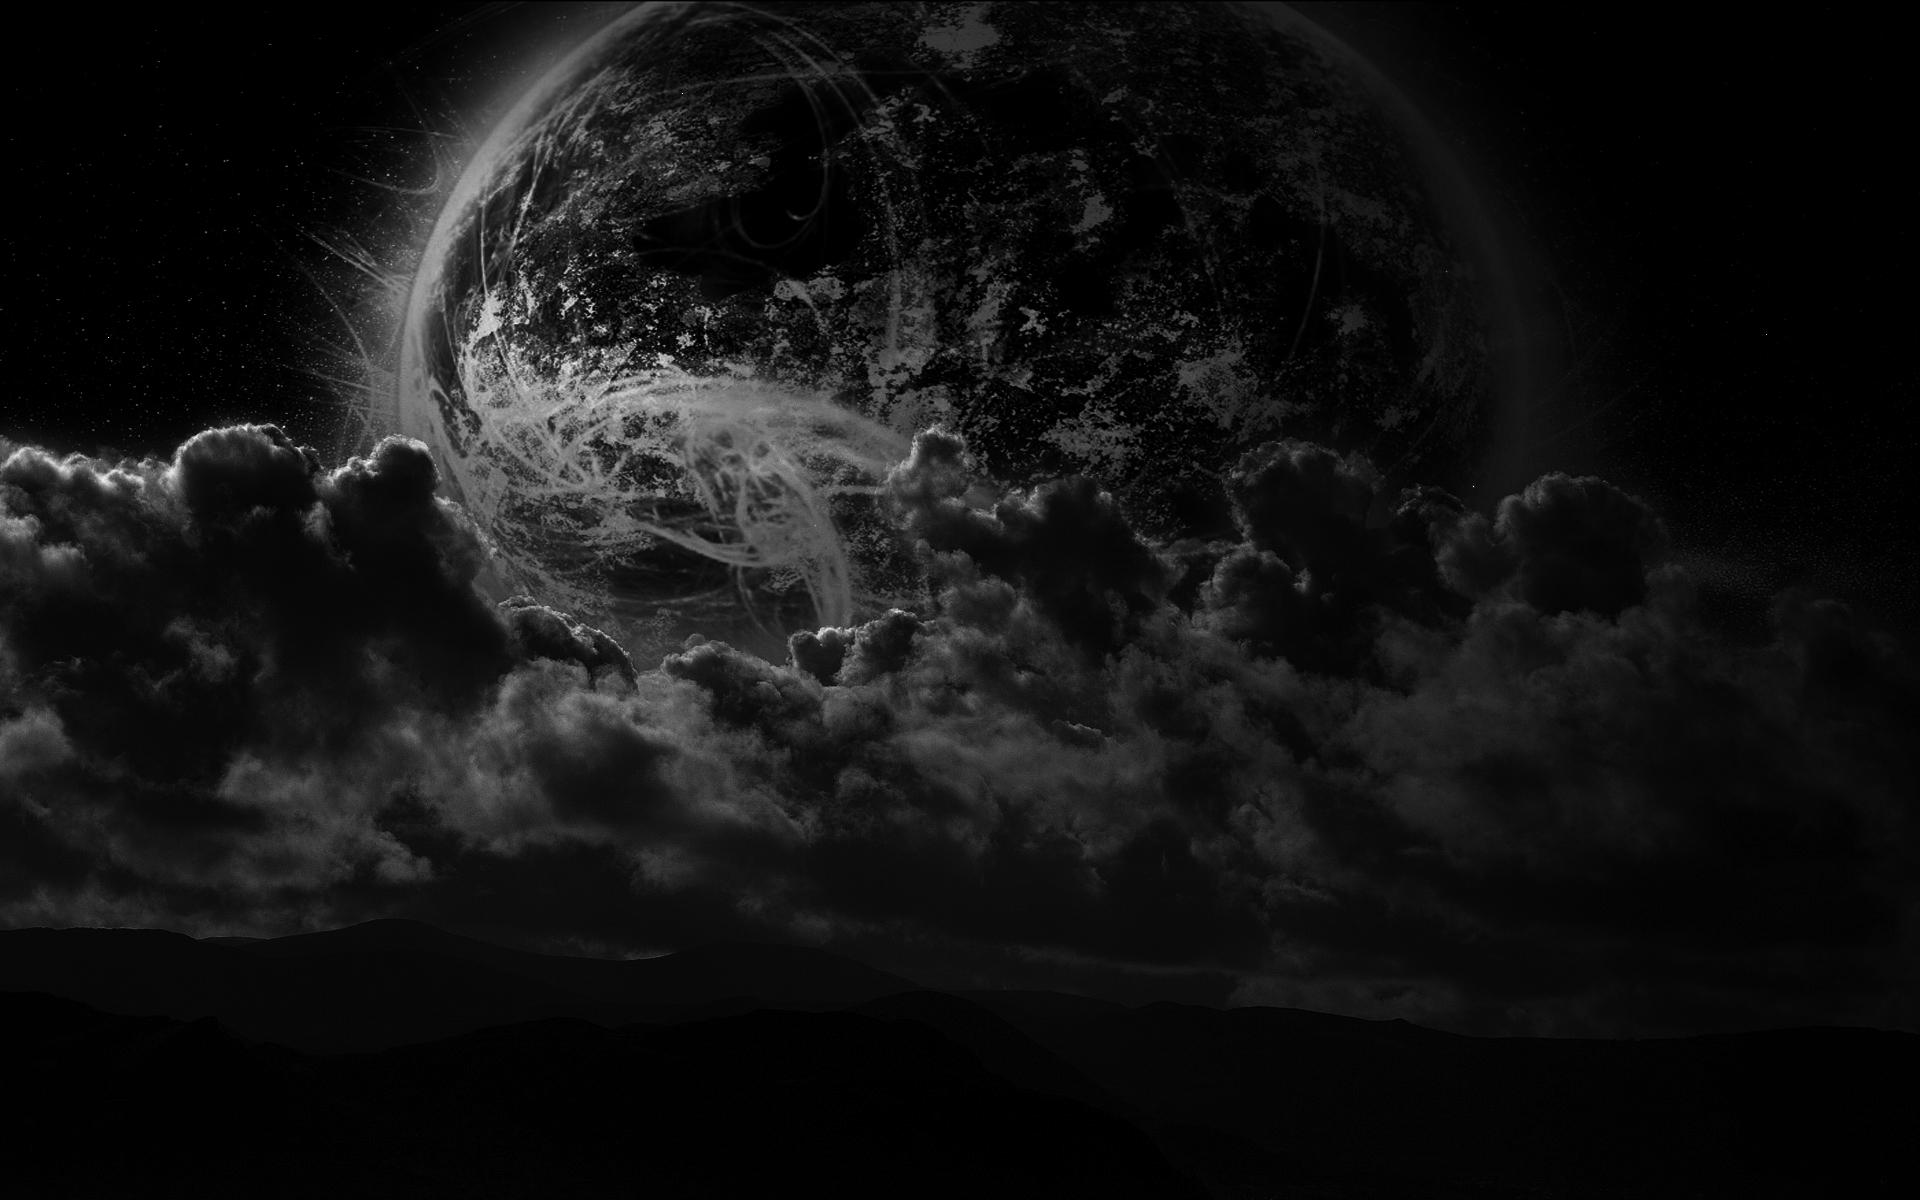 landscape-sci-fi-42340